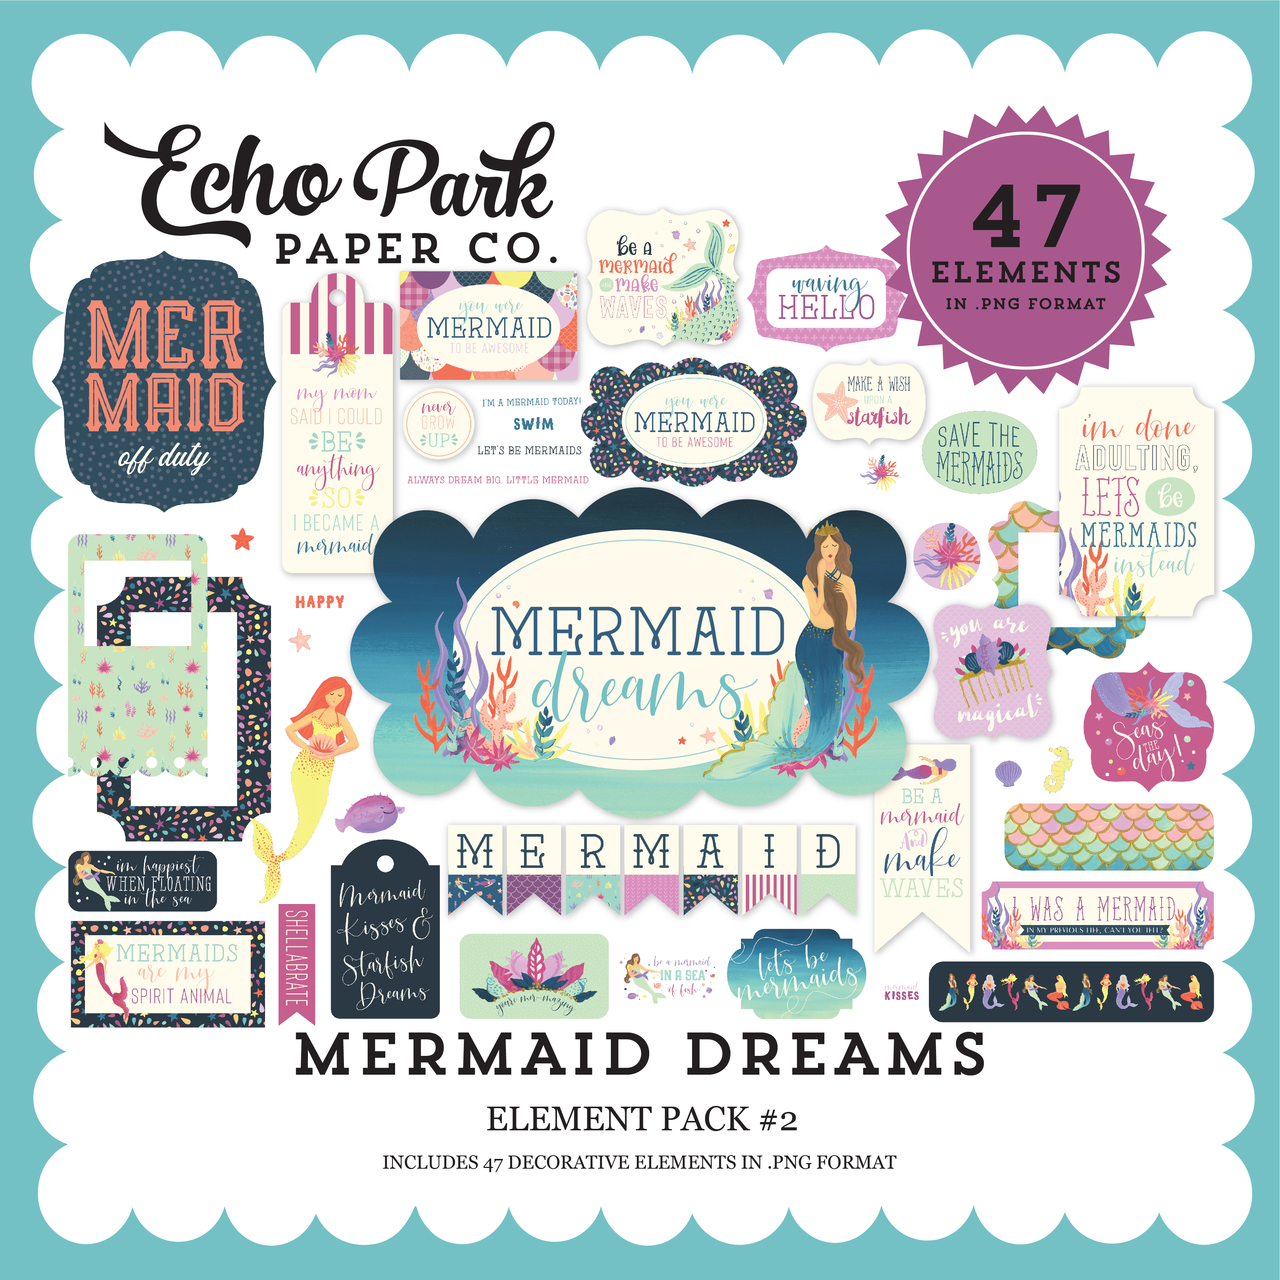 Mermaid Dreams Element Pack #2